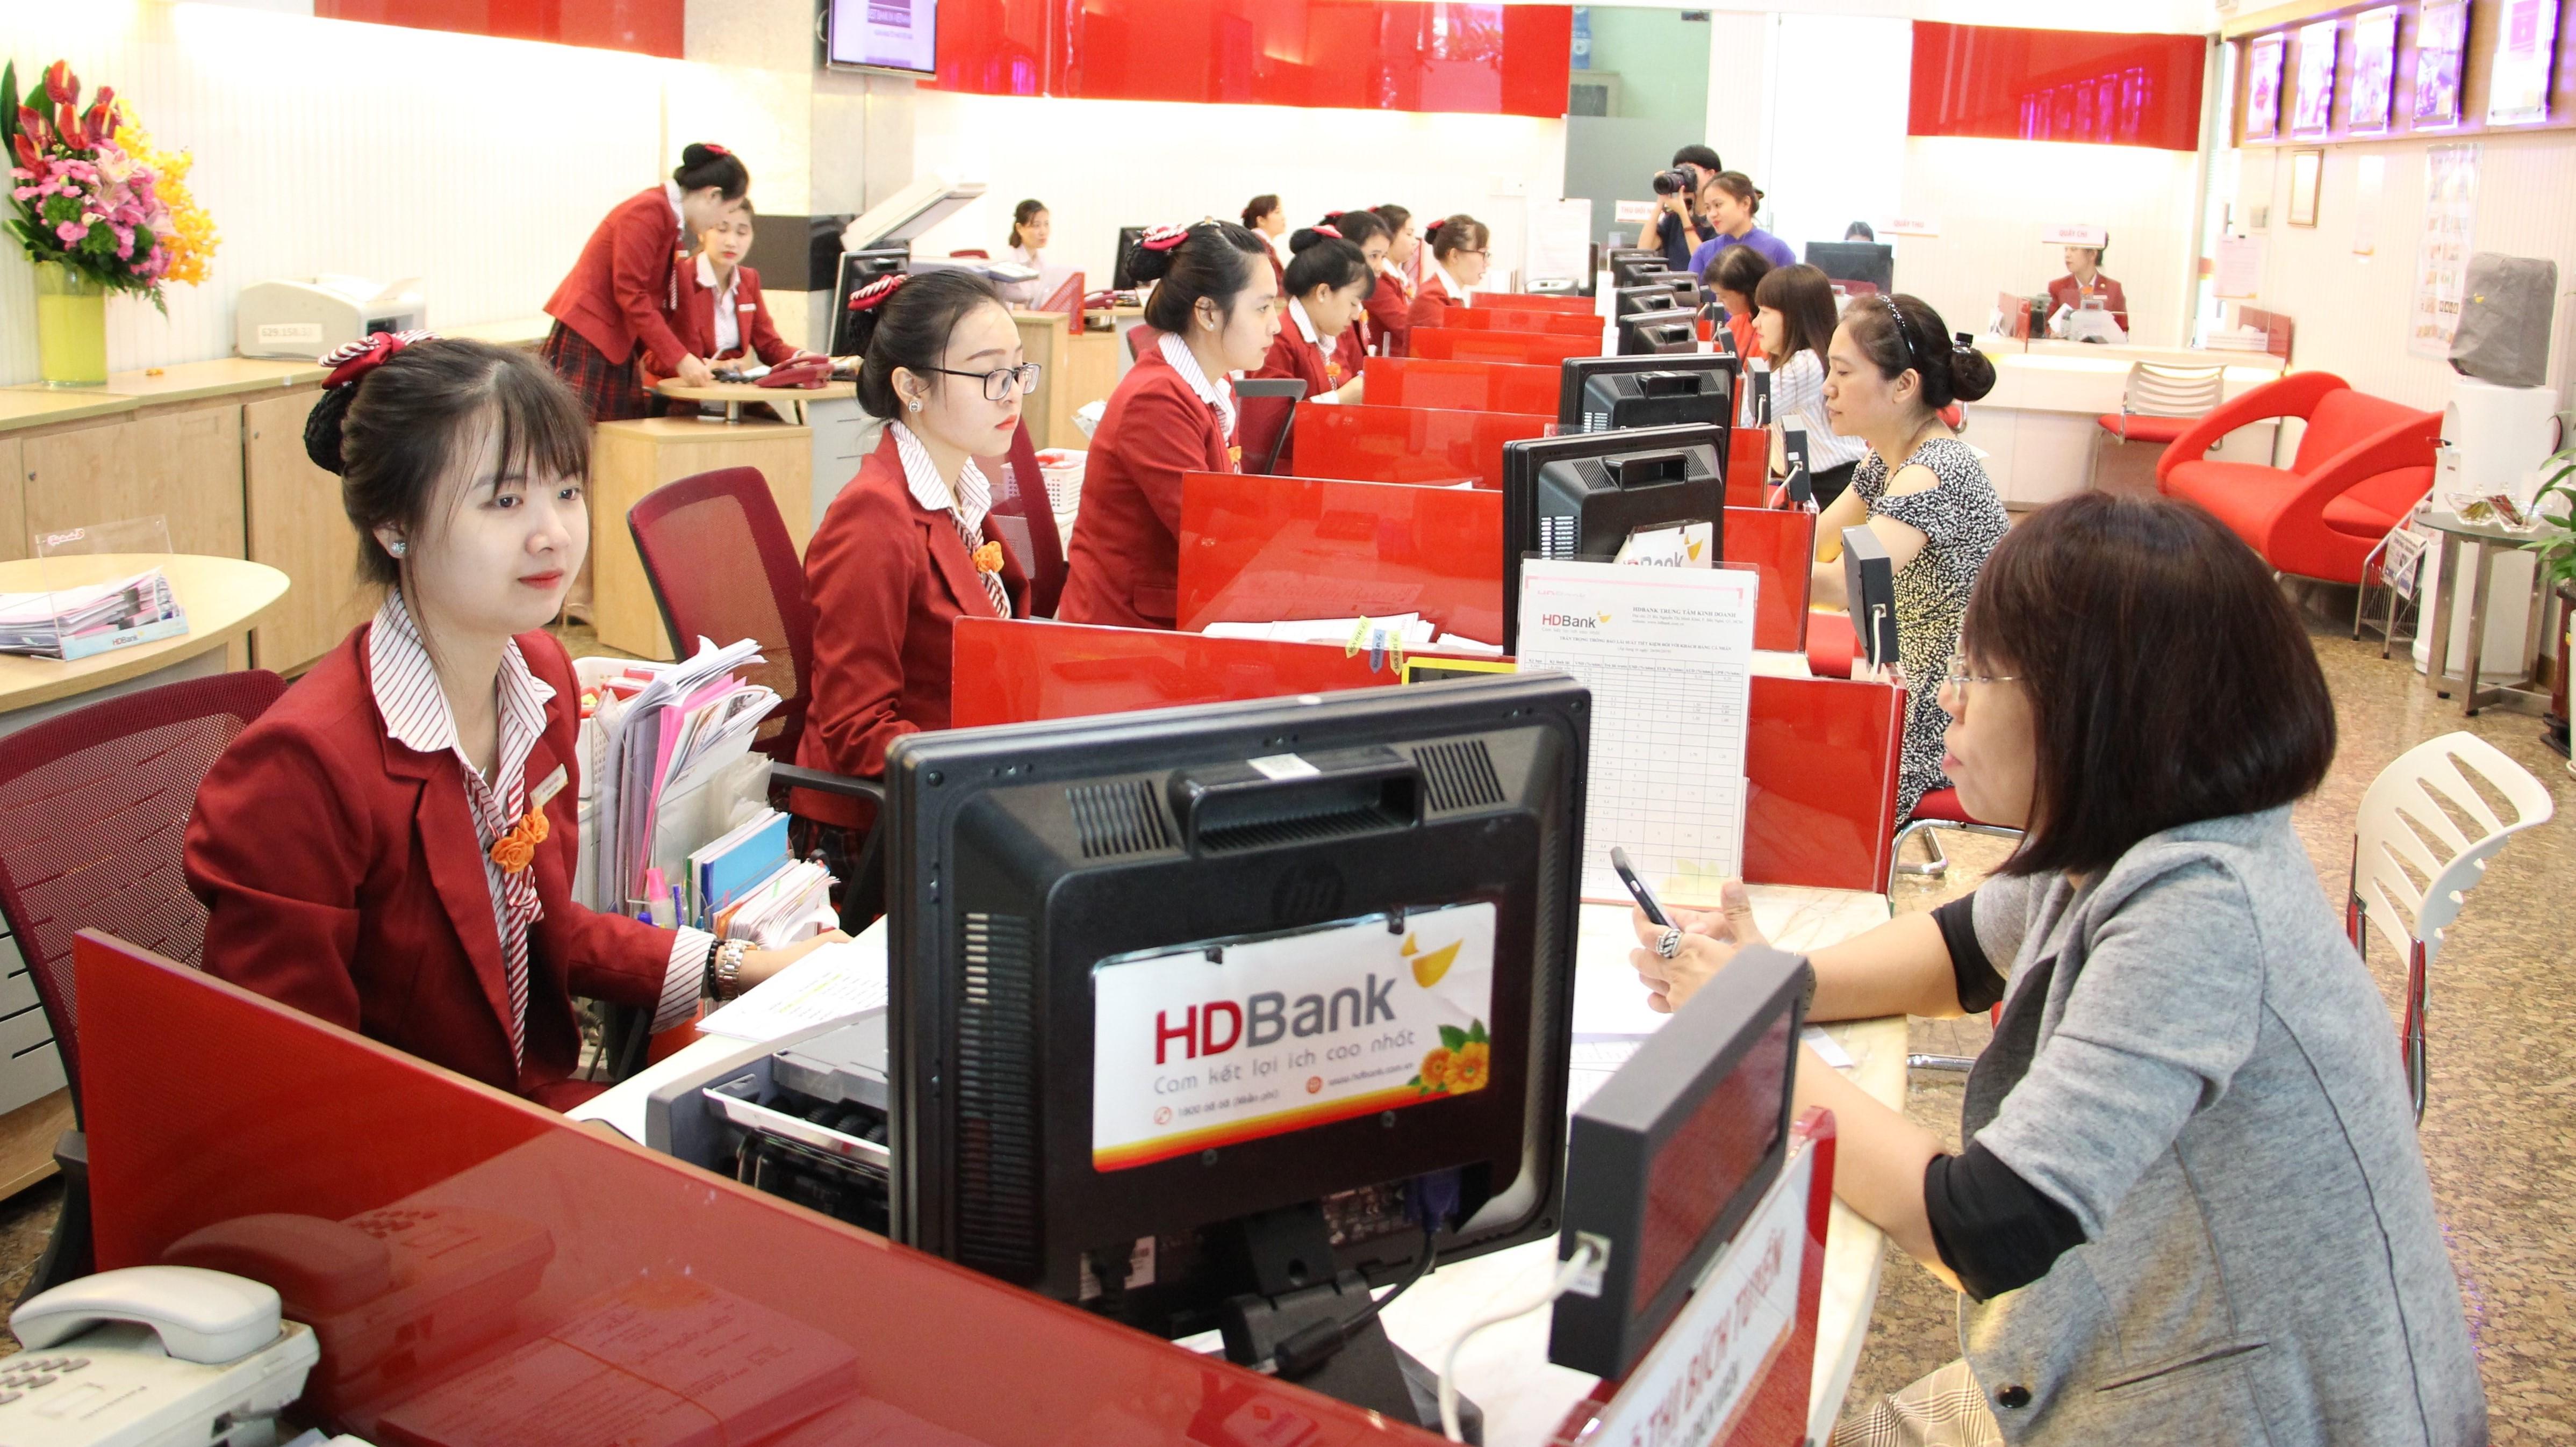 HDBank dành ngàn ưu đãi cho khách hàng mới - Ảnh 2